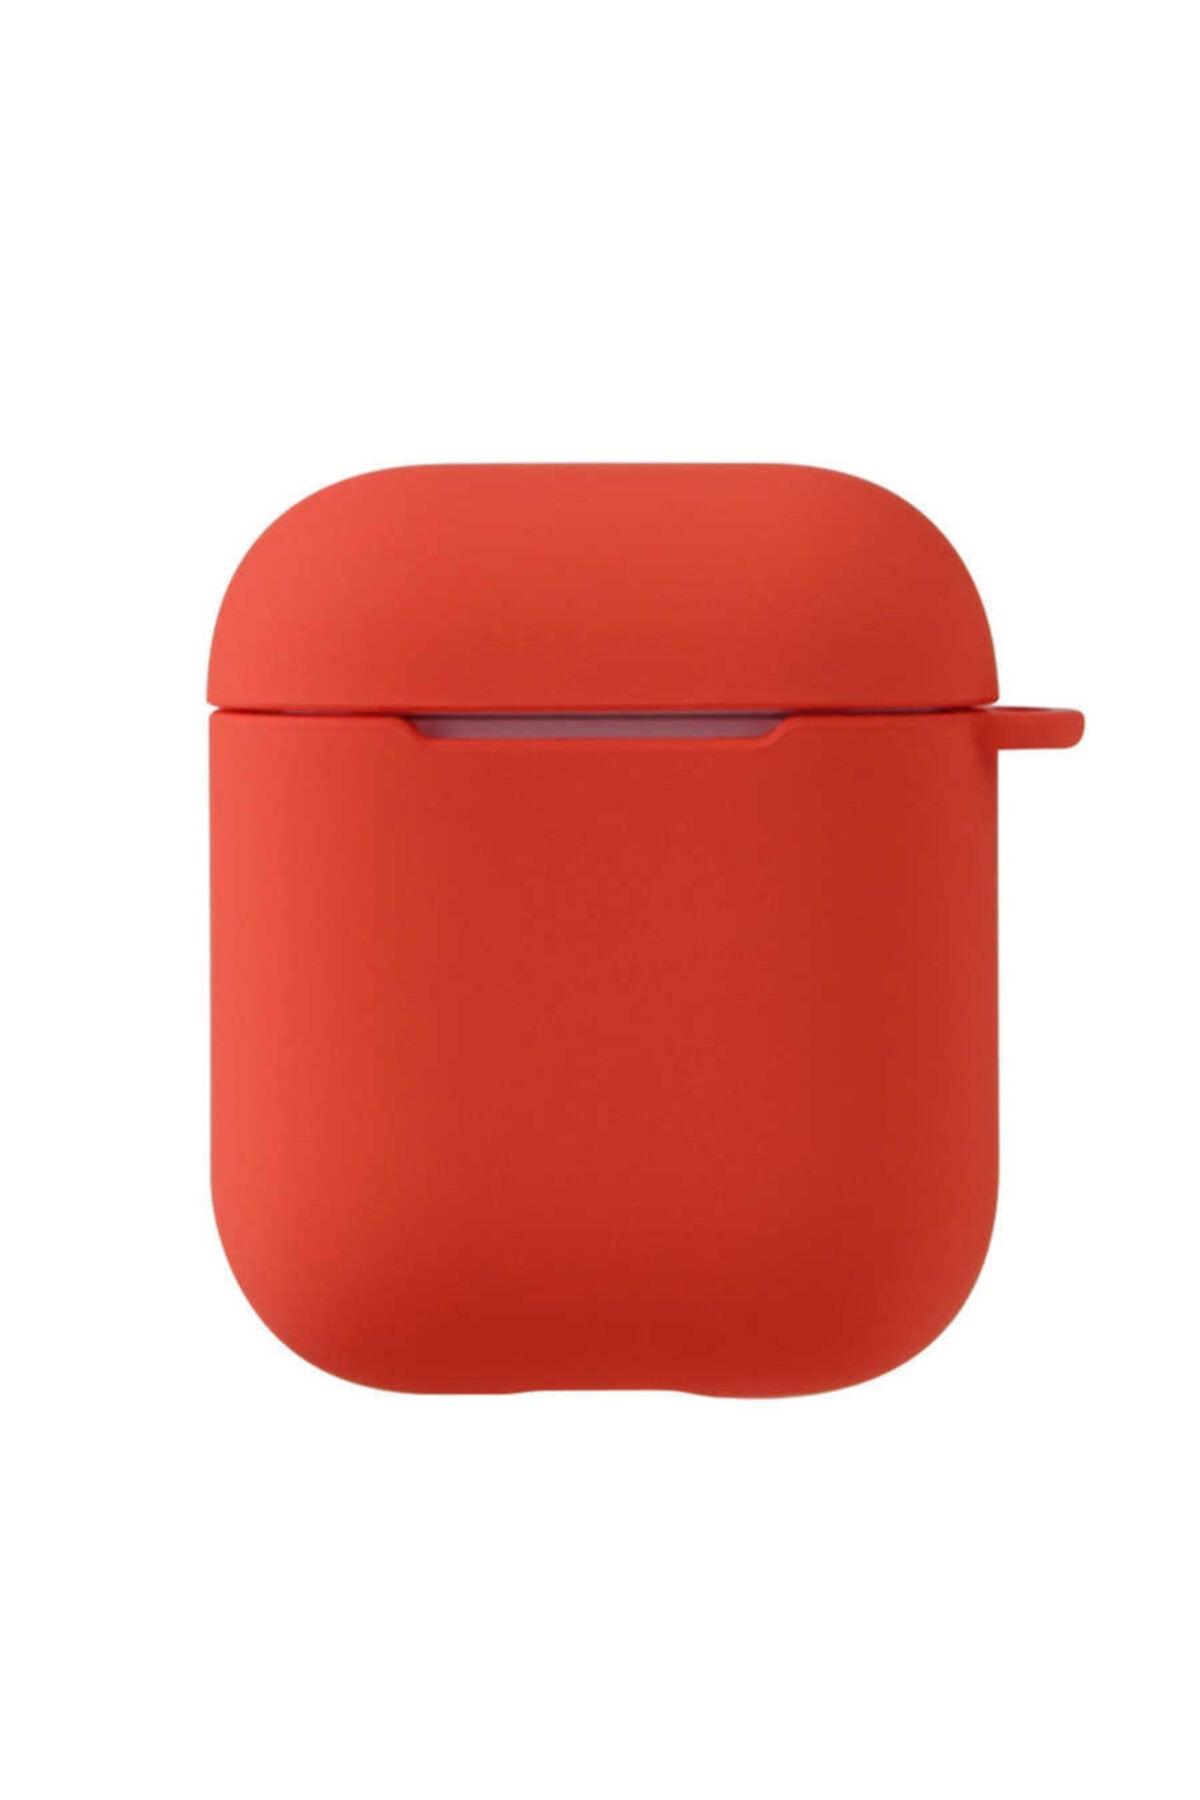 DIJIFABA Apple Airpods Kılıf Zore Airbag 11 Silikon 1